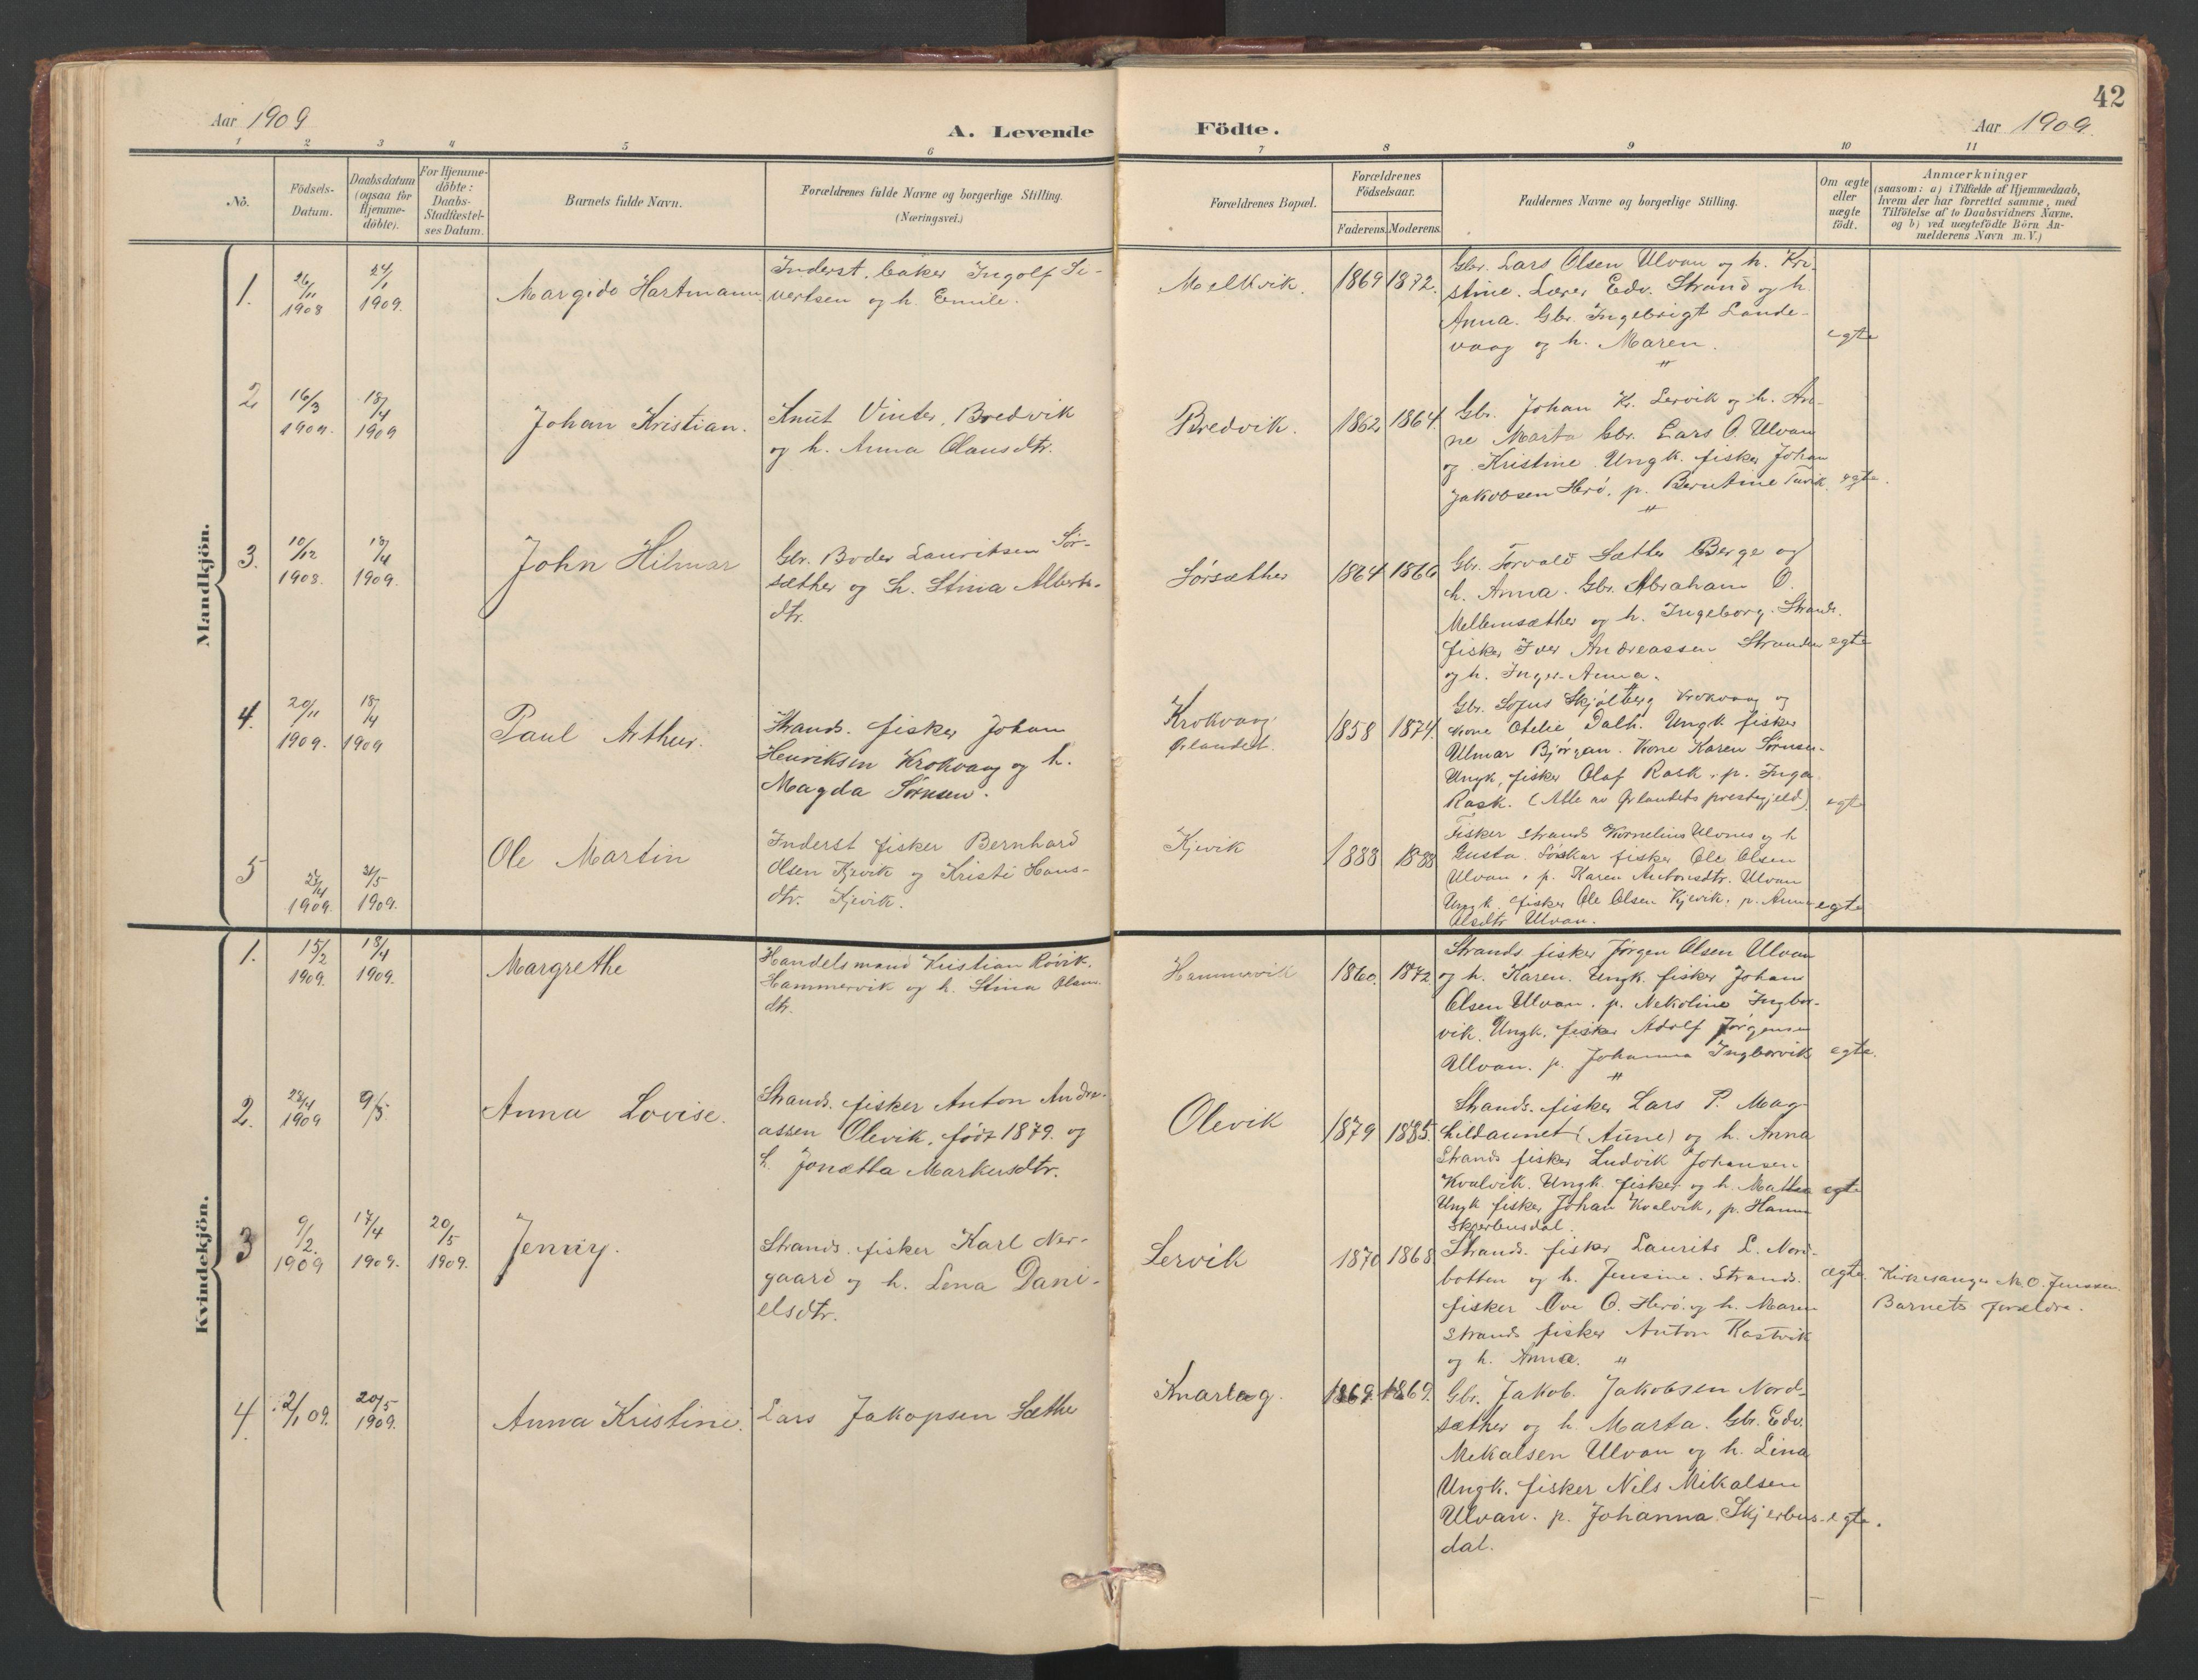 SAT, Ministerialprotokoller, klokkerbøker og fødselsregistre - Sør-Trøndelag, 638/L0571: Klokkerbok nr. 638C03, 1901-1930, s. 42